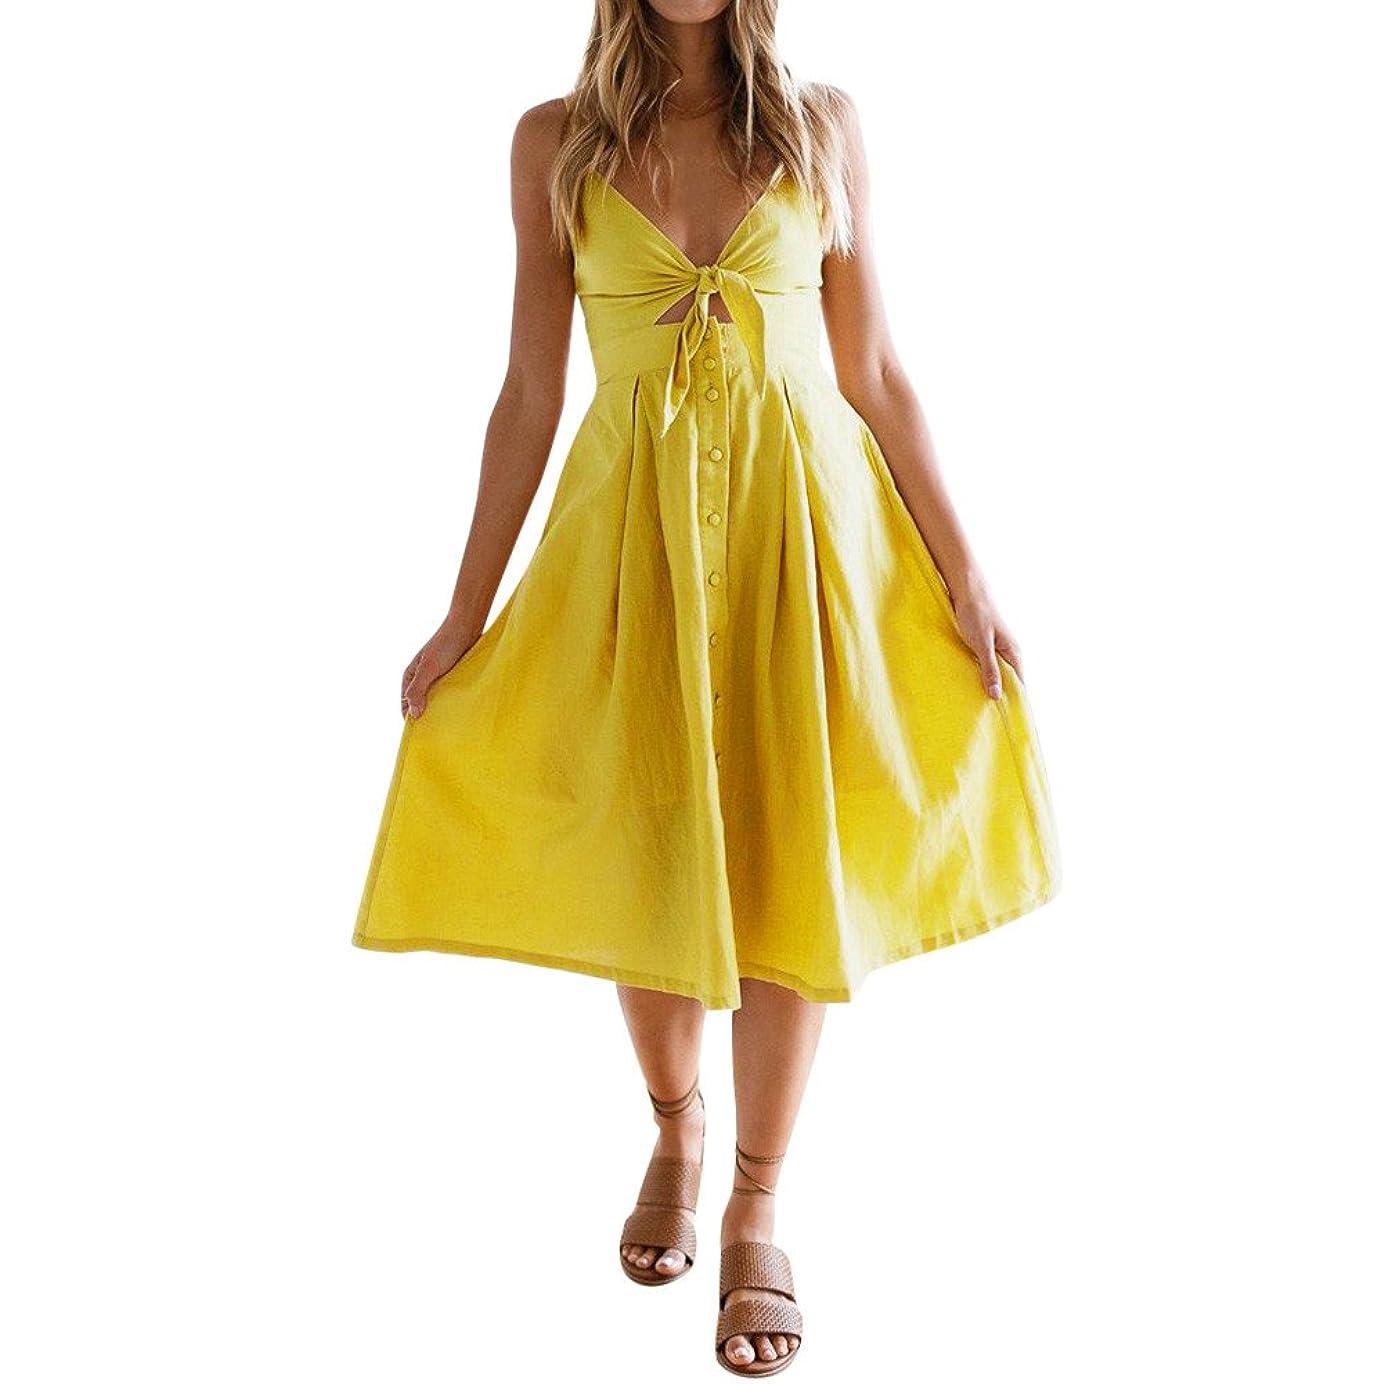 ワンピース Timsa ストラップドレス 無地 ドレス レディース ノースリーブ 吊りスカート 春夏 スプリットスカート 低い襟 バックレス ちょう结び ボタン付き サンドレス 女性 ジャンパースカート シンプル ロングスカート 通勤 日常用